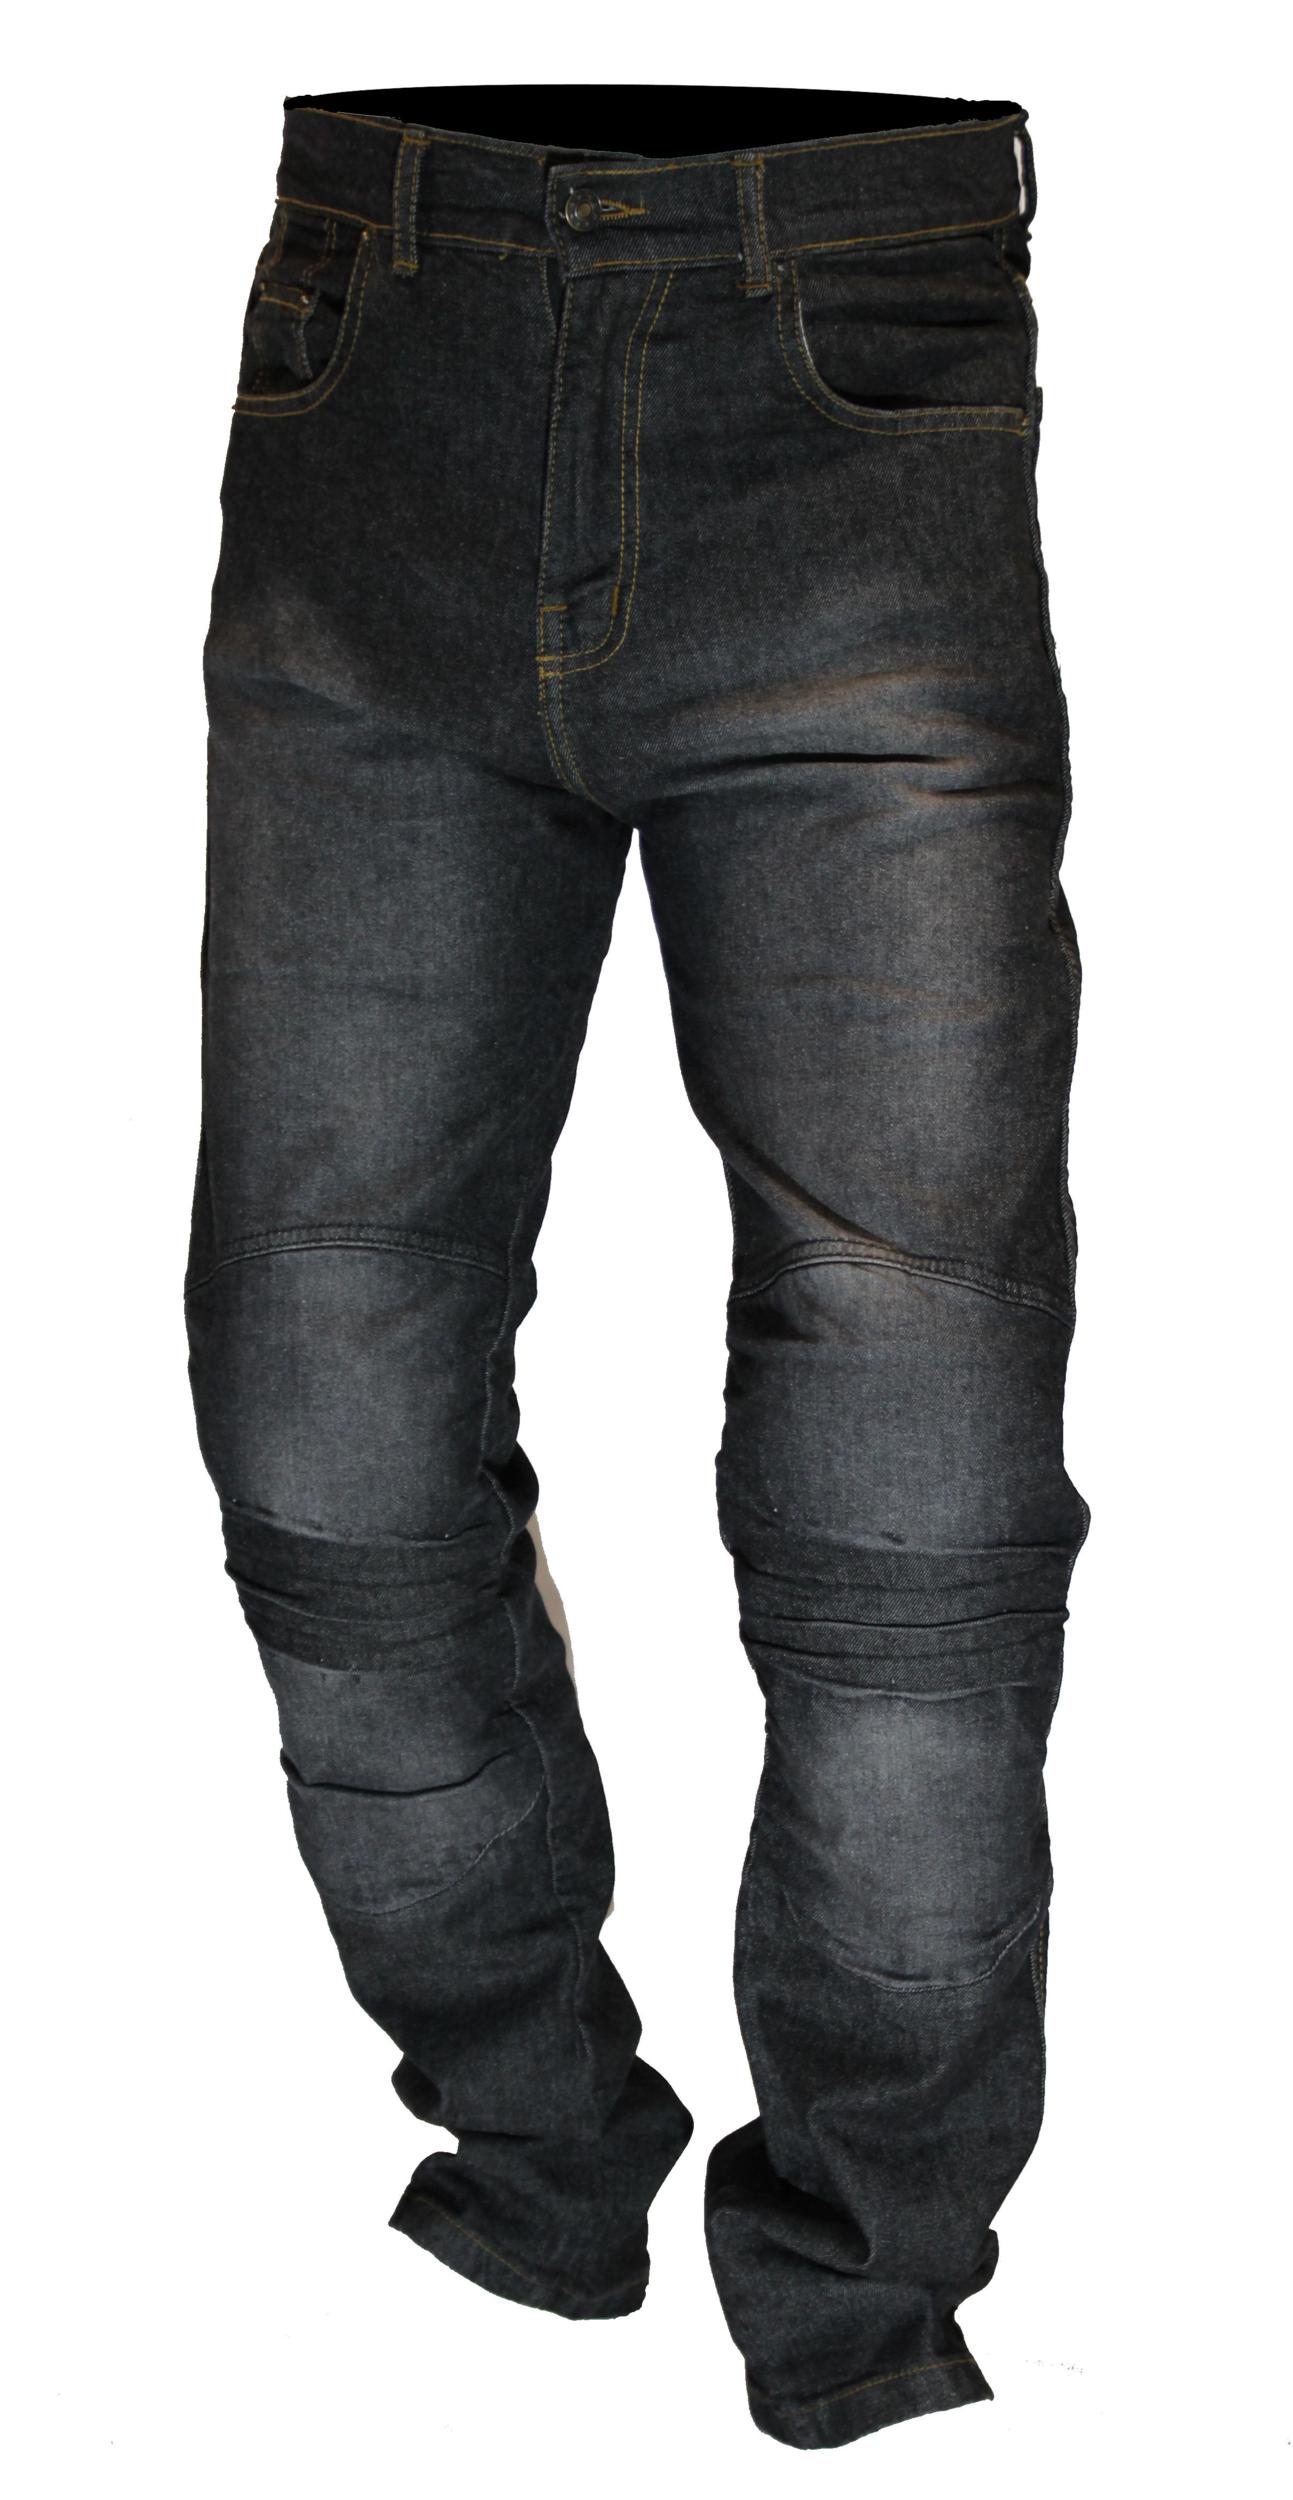 Kt311_1_jeans denim moto kevlar